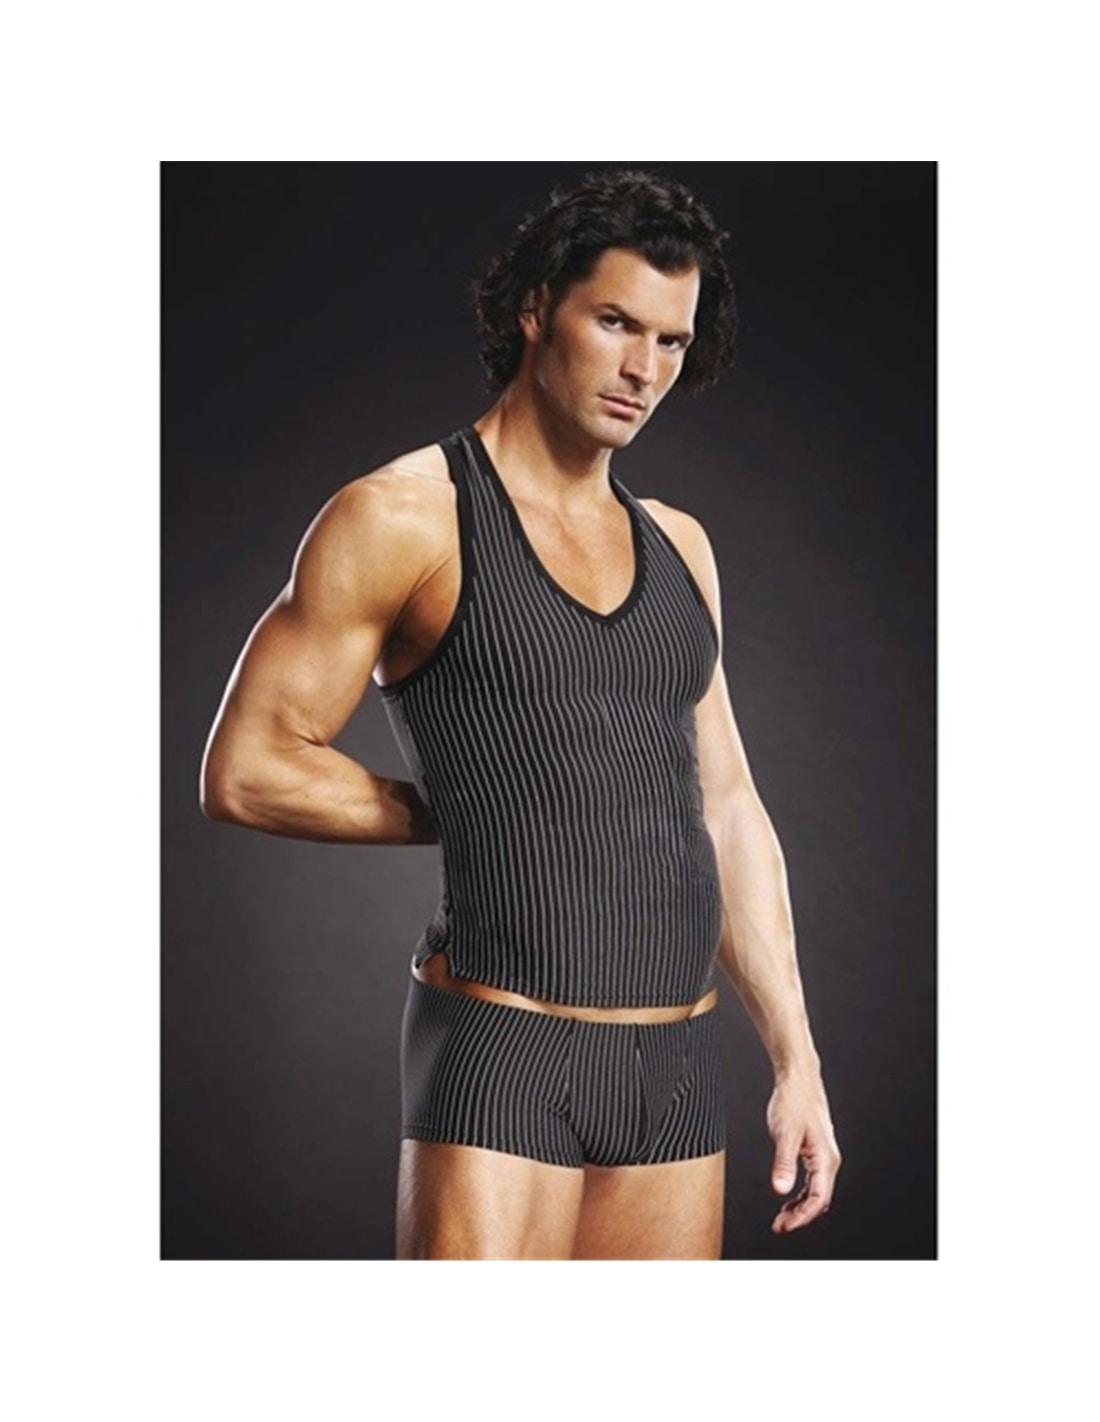 PR2010319437 - T-Shirt Com Costas Nadador Blueline Riscas - 36-38 S/M-PR2010319437